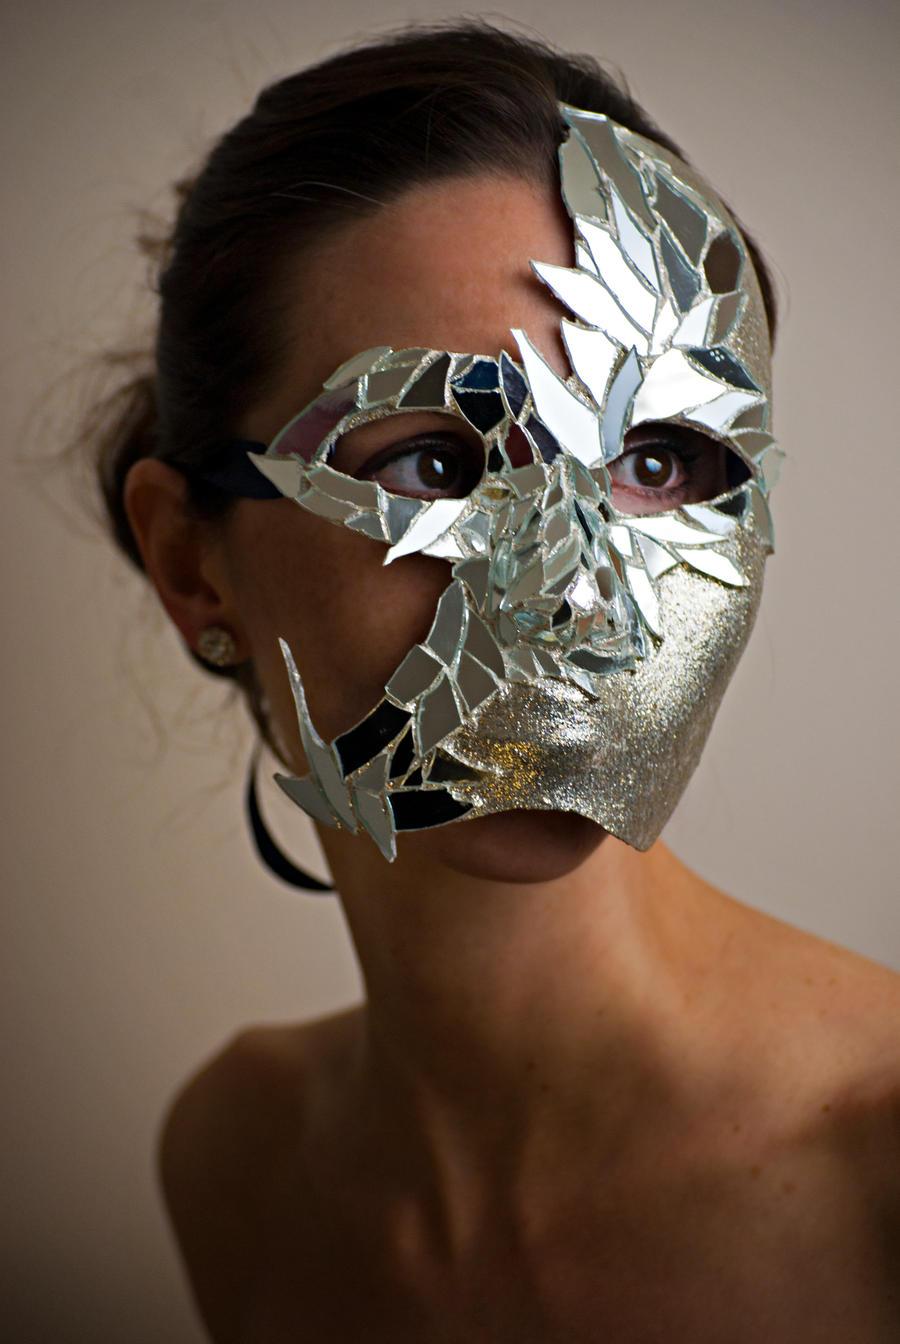 Mirror Mask by suede631 on DeviantArt